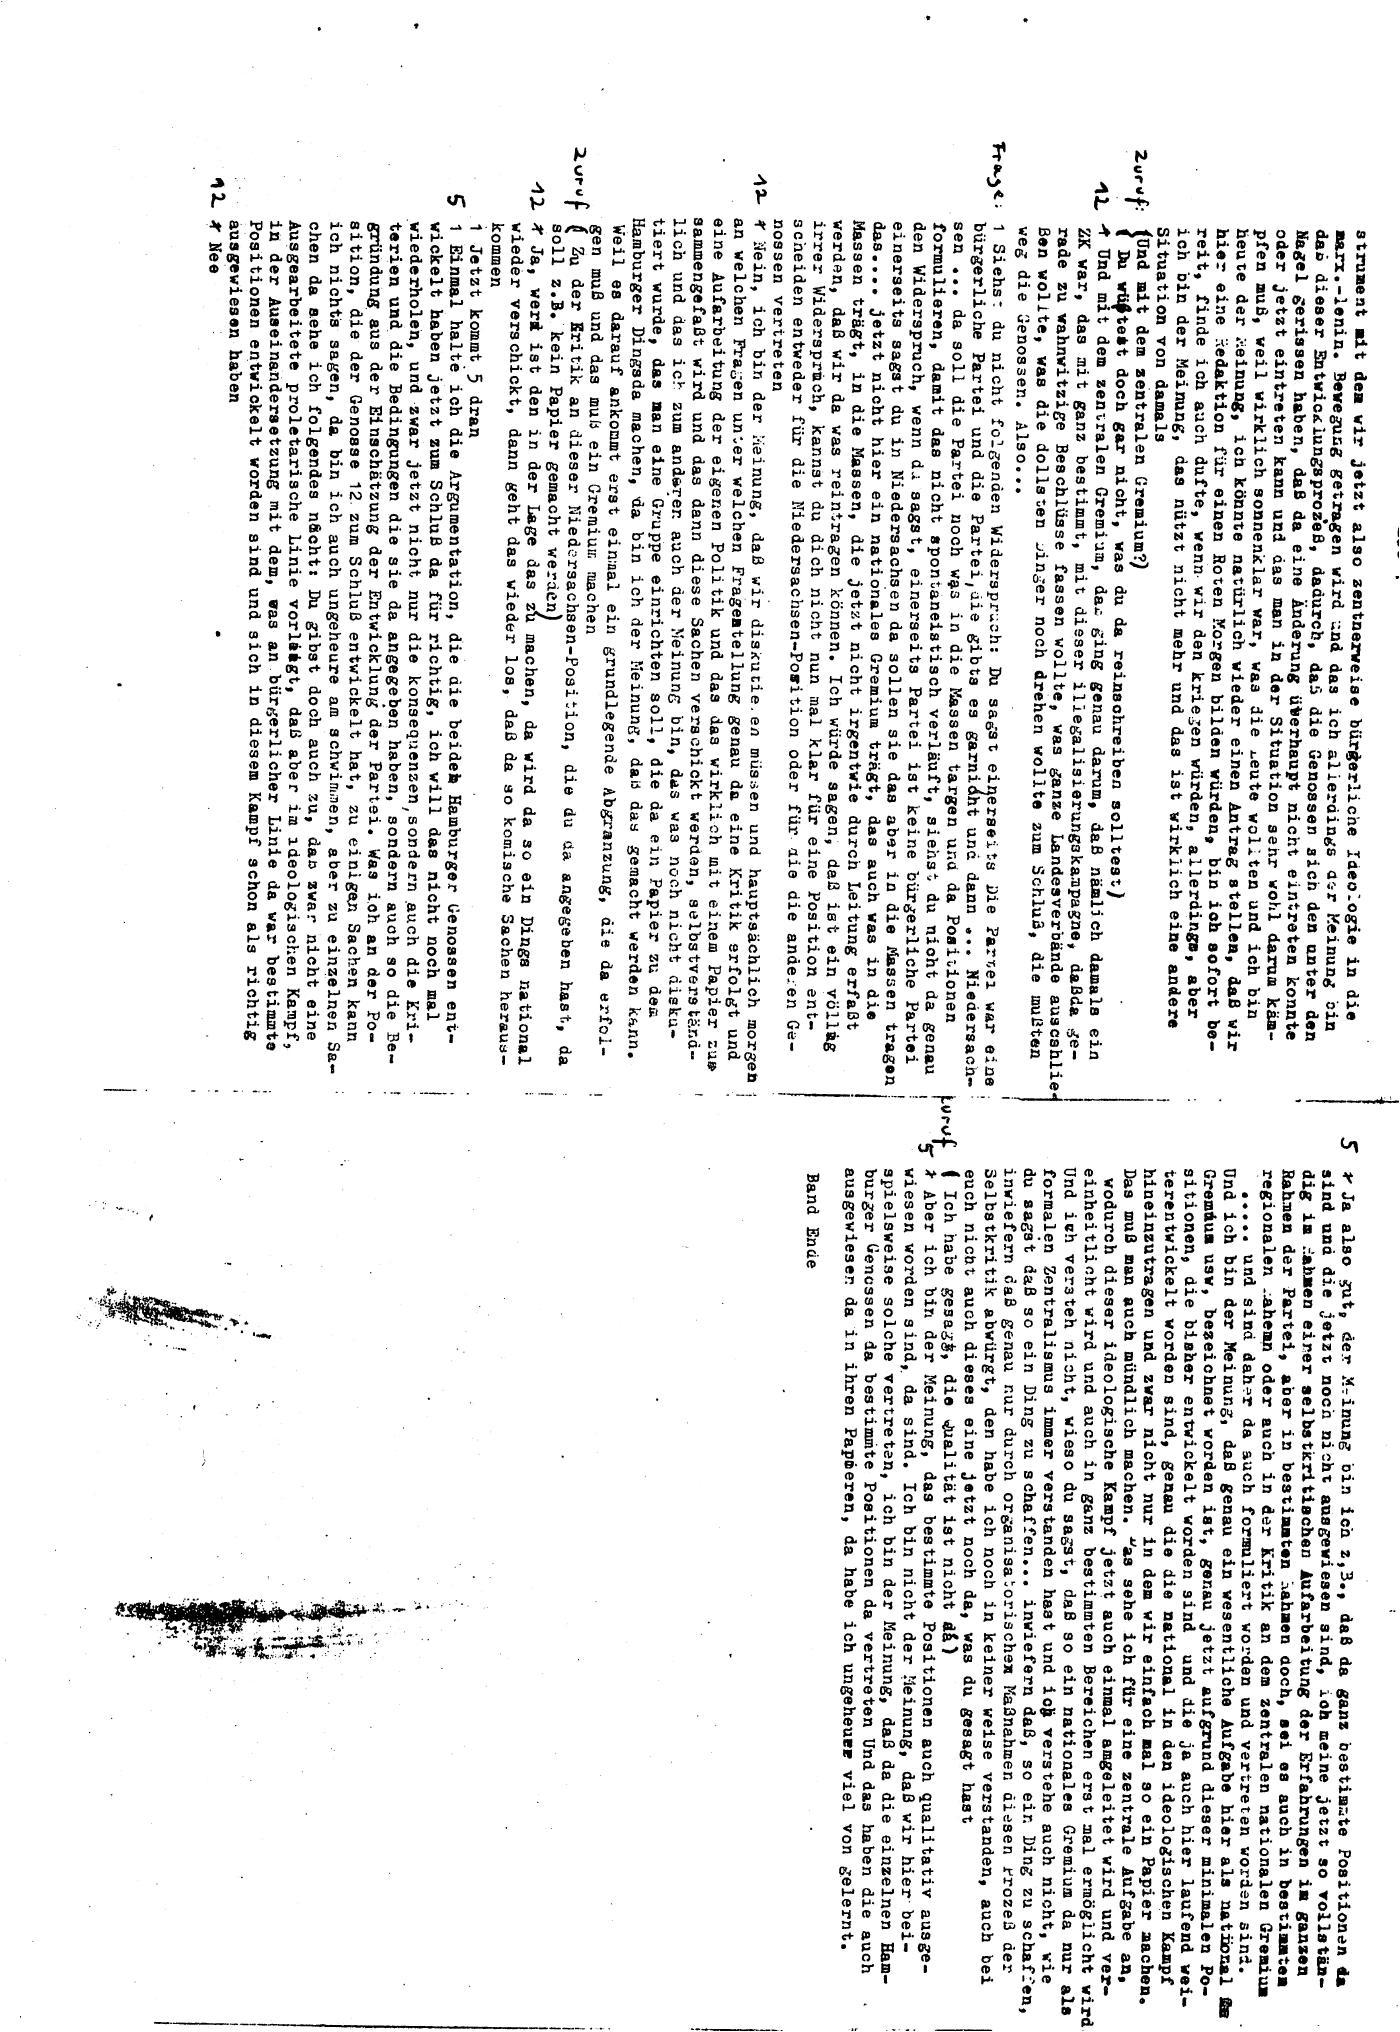 KPDML_1971_Wortprotokolle_aoPt_083